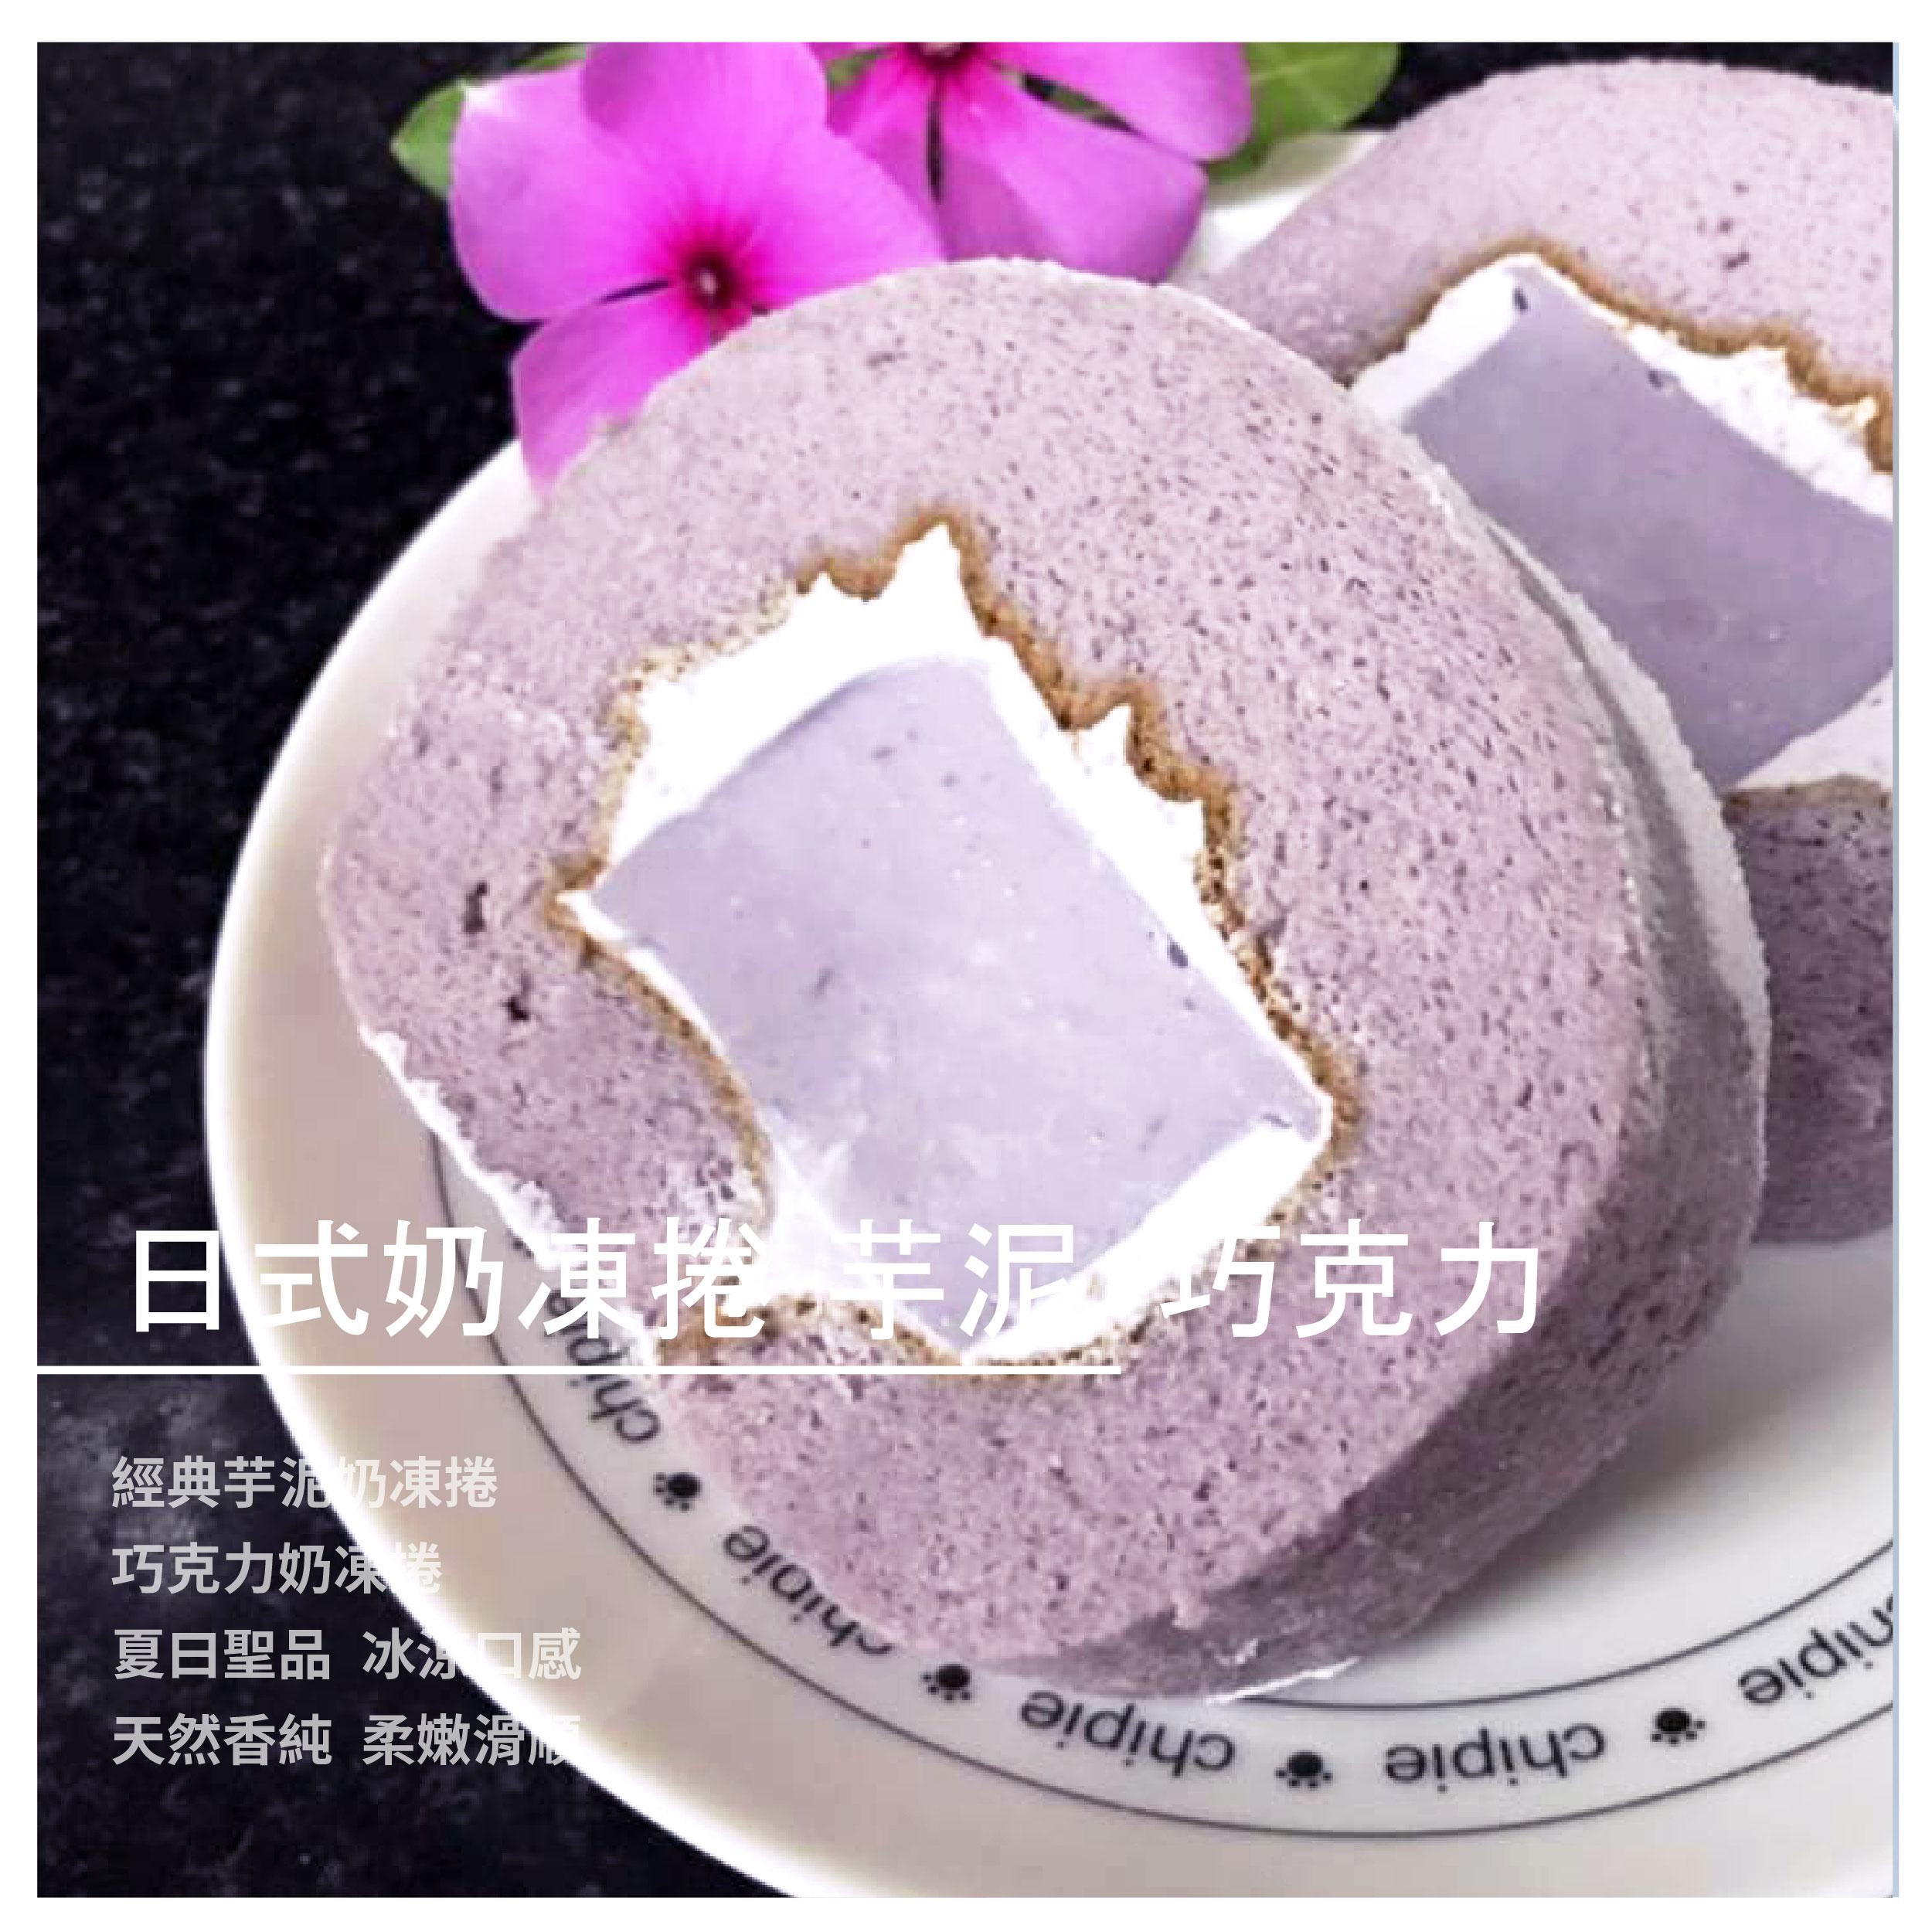 【日發蛋糕麵包】和風奶凍捲 芋泥 / 巧克力